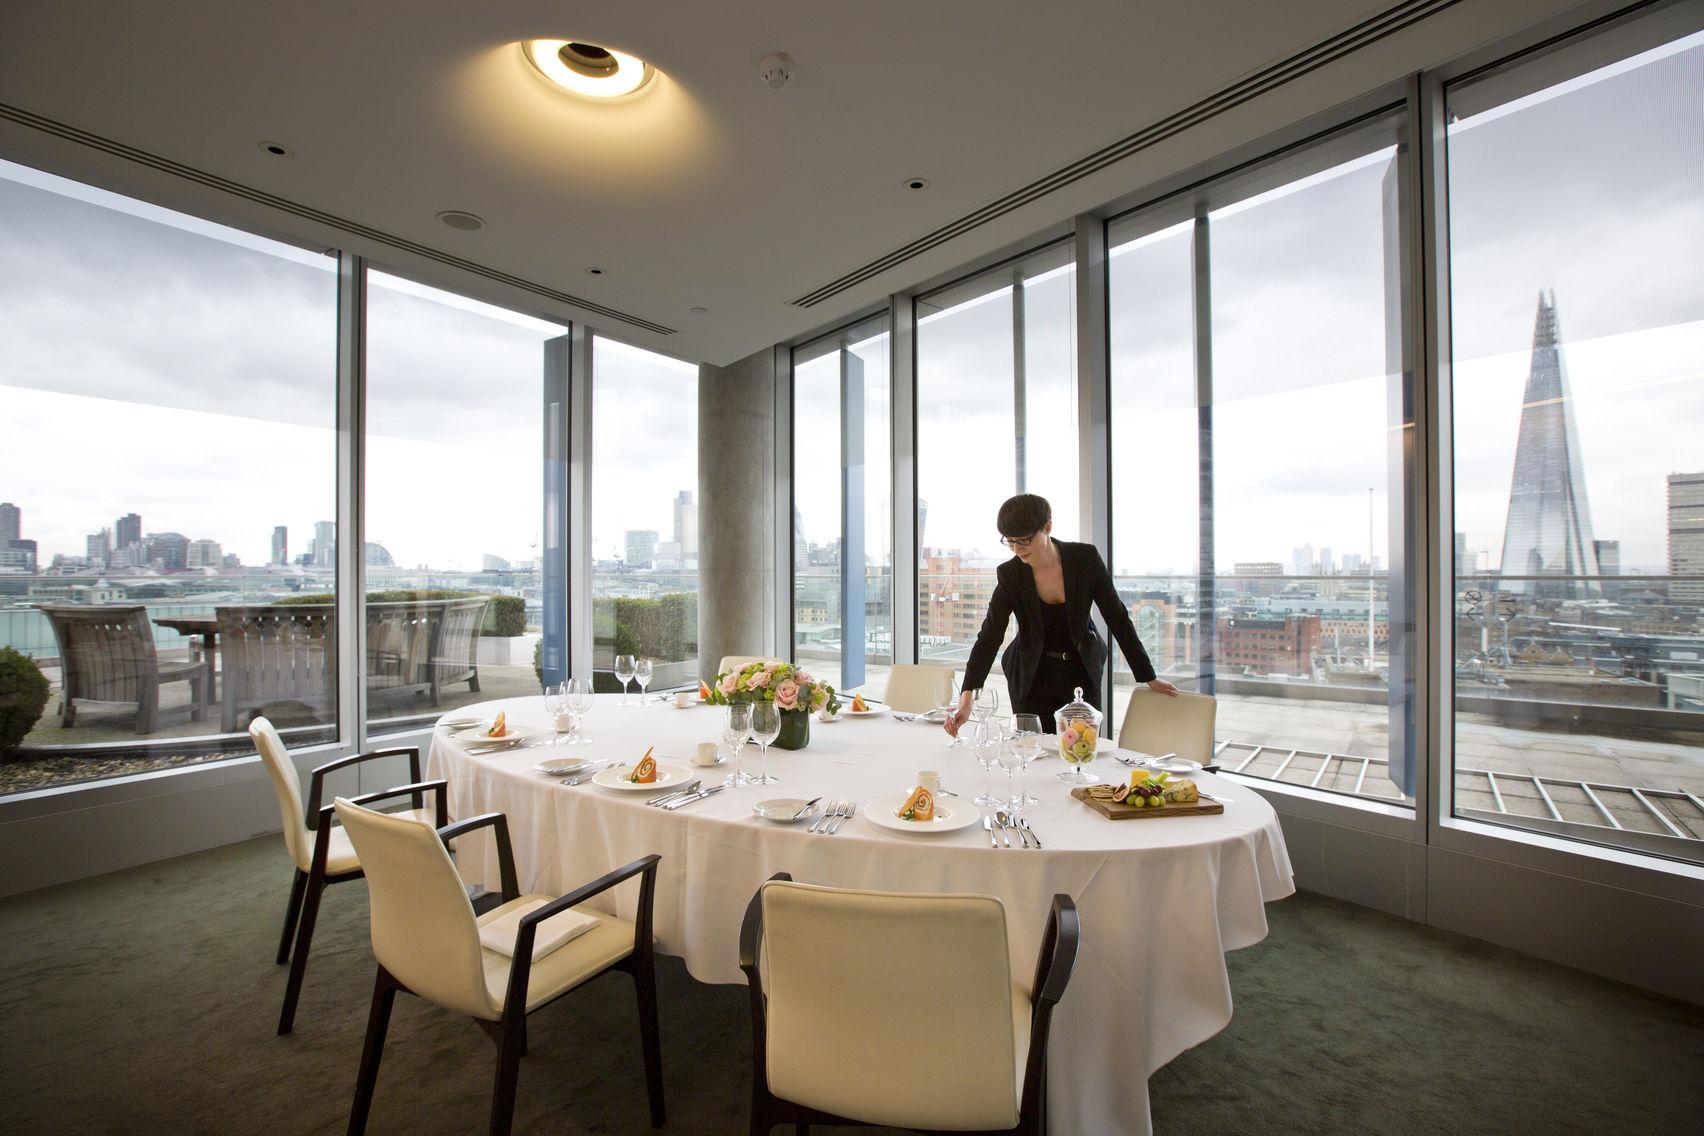 Terrace Dining Room, Blue Fin Venue